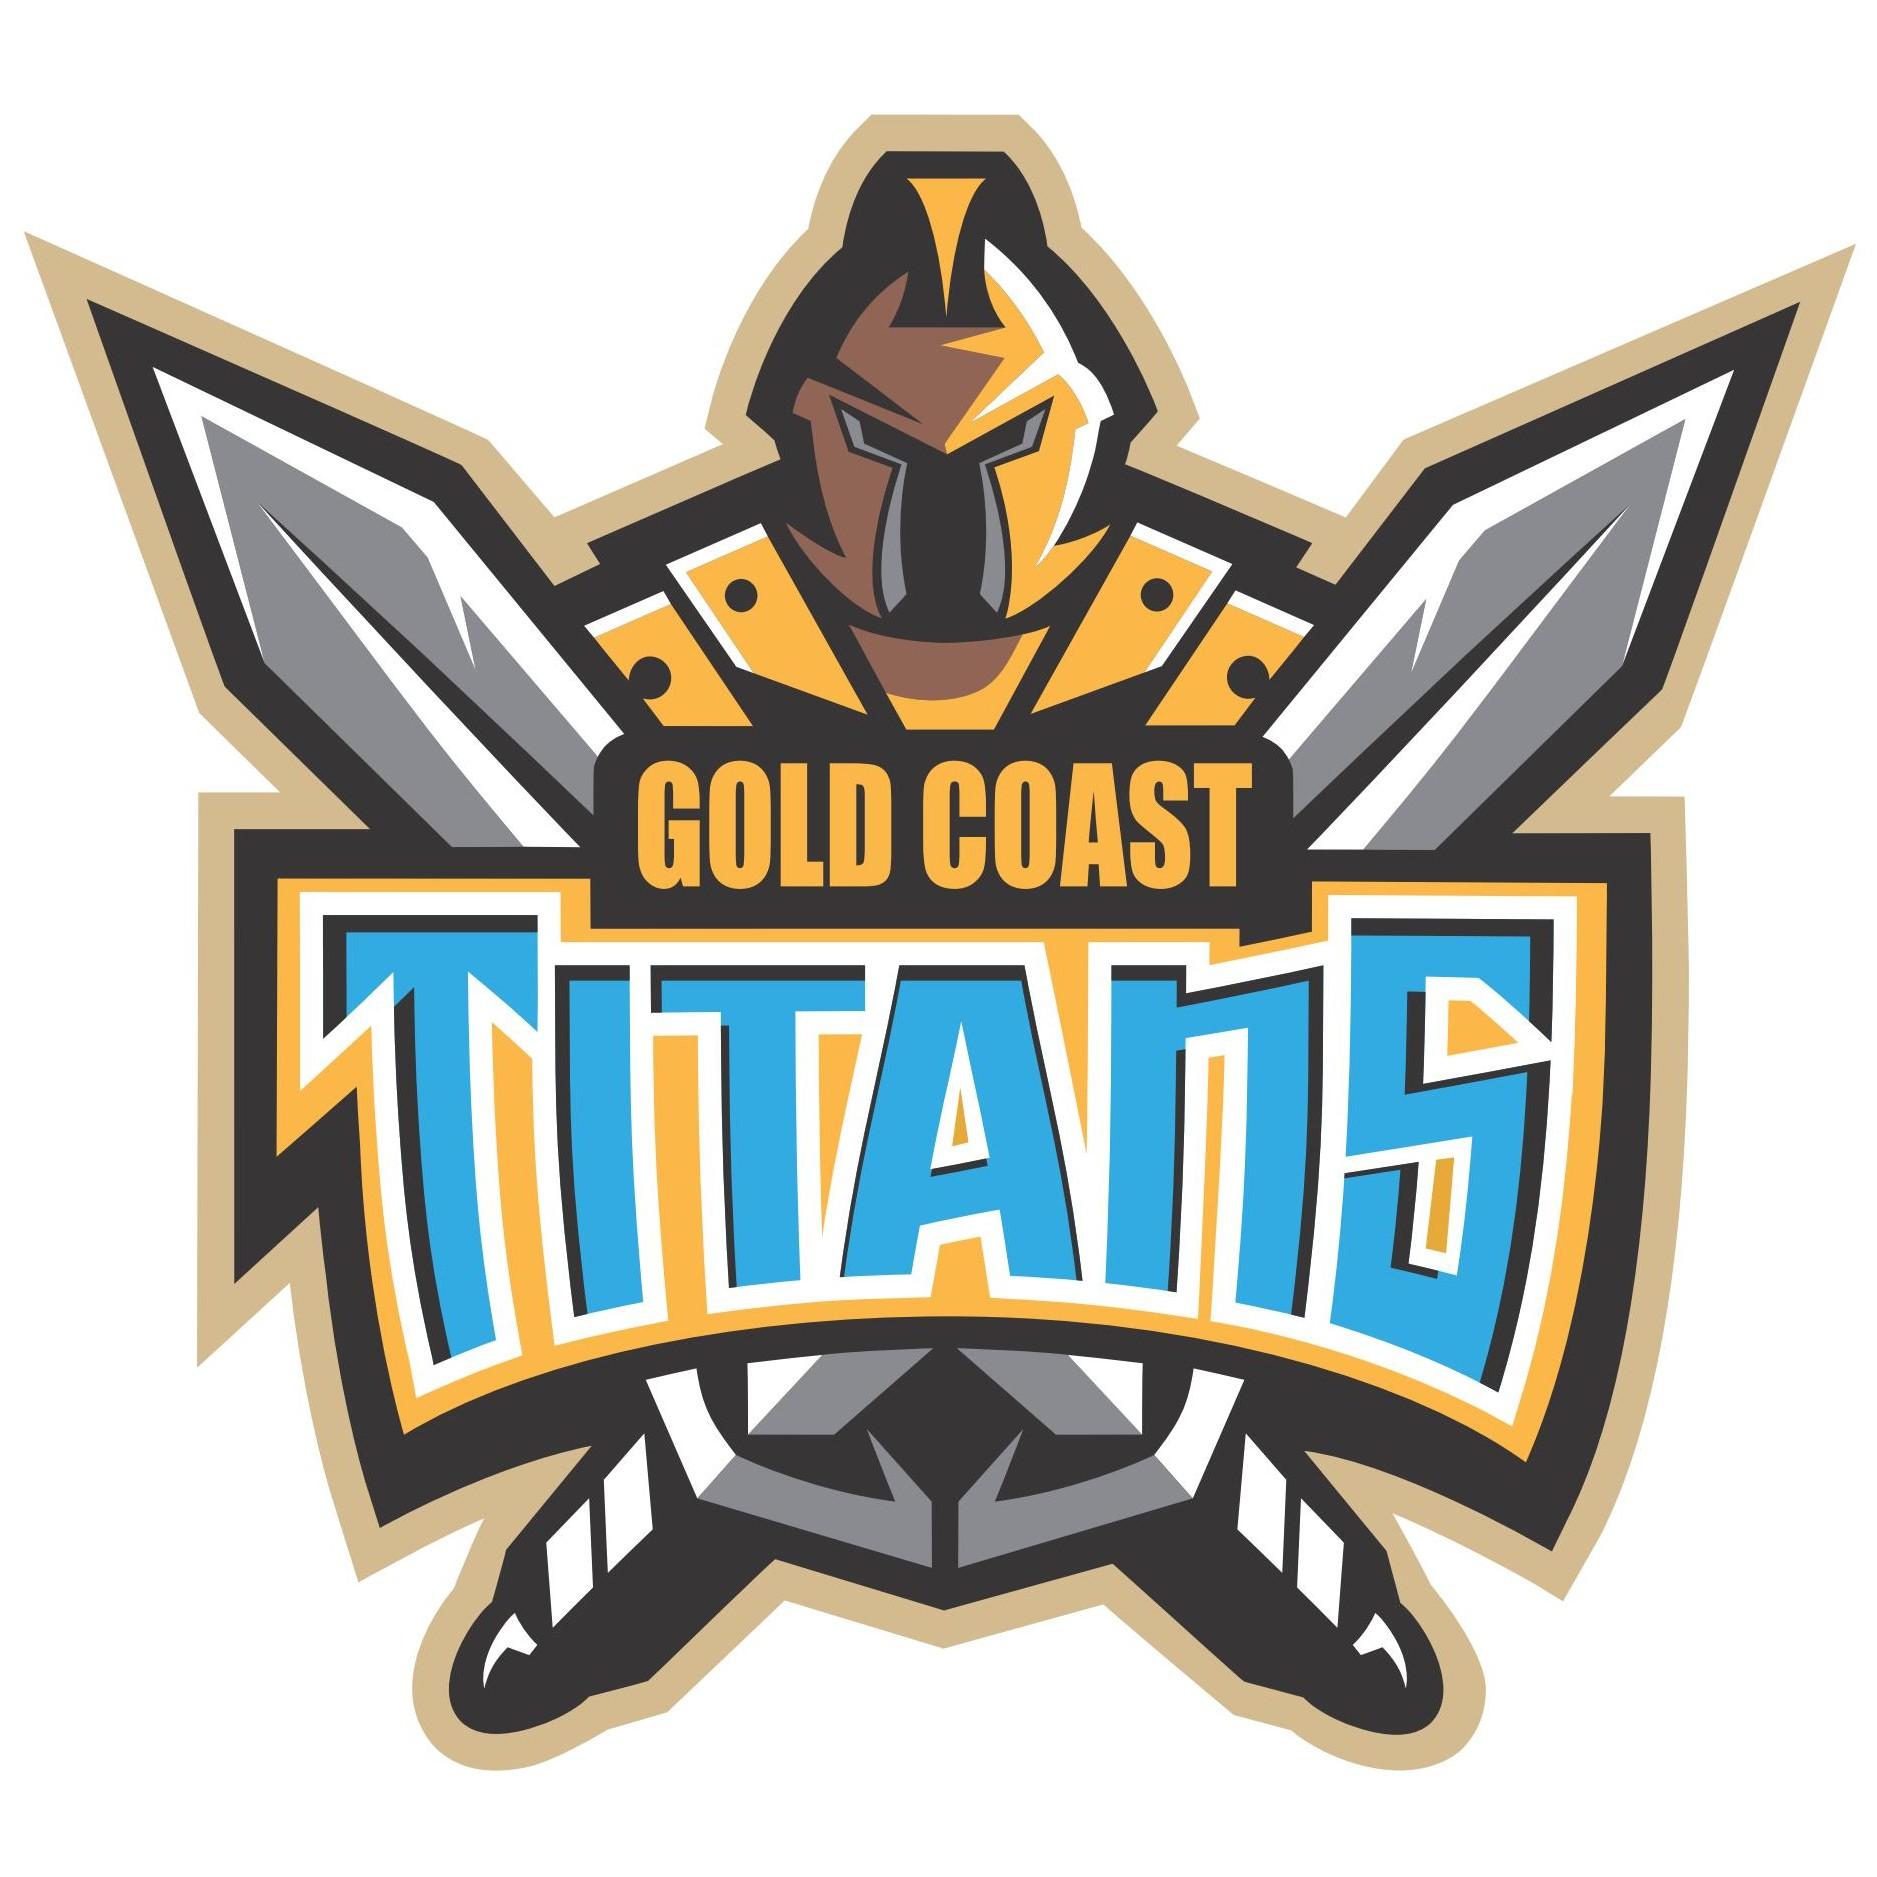 Gold coast titans clipart.